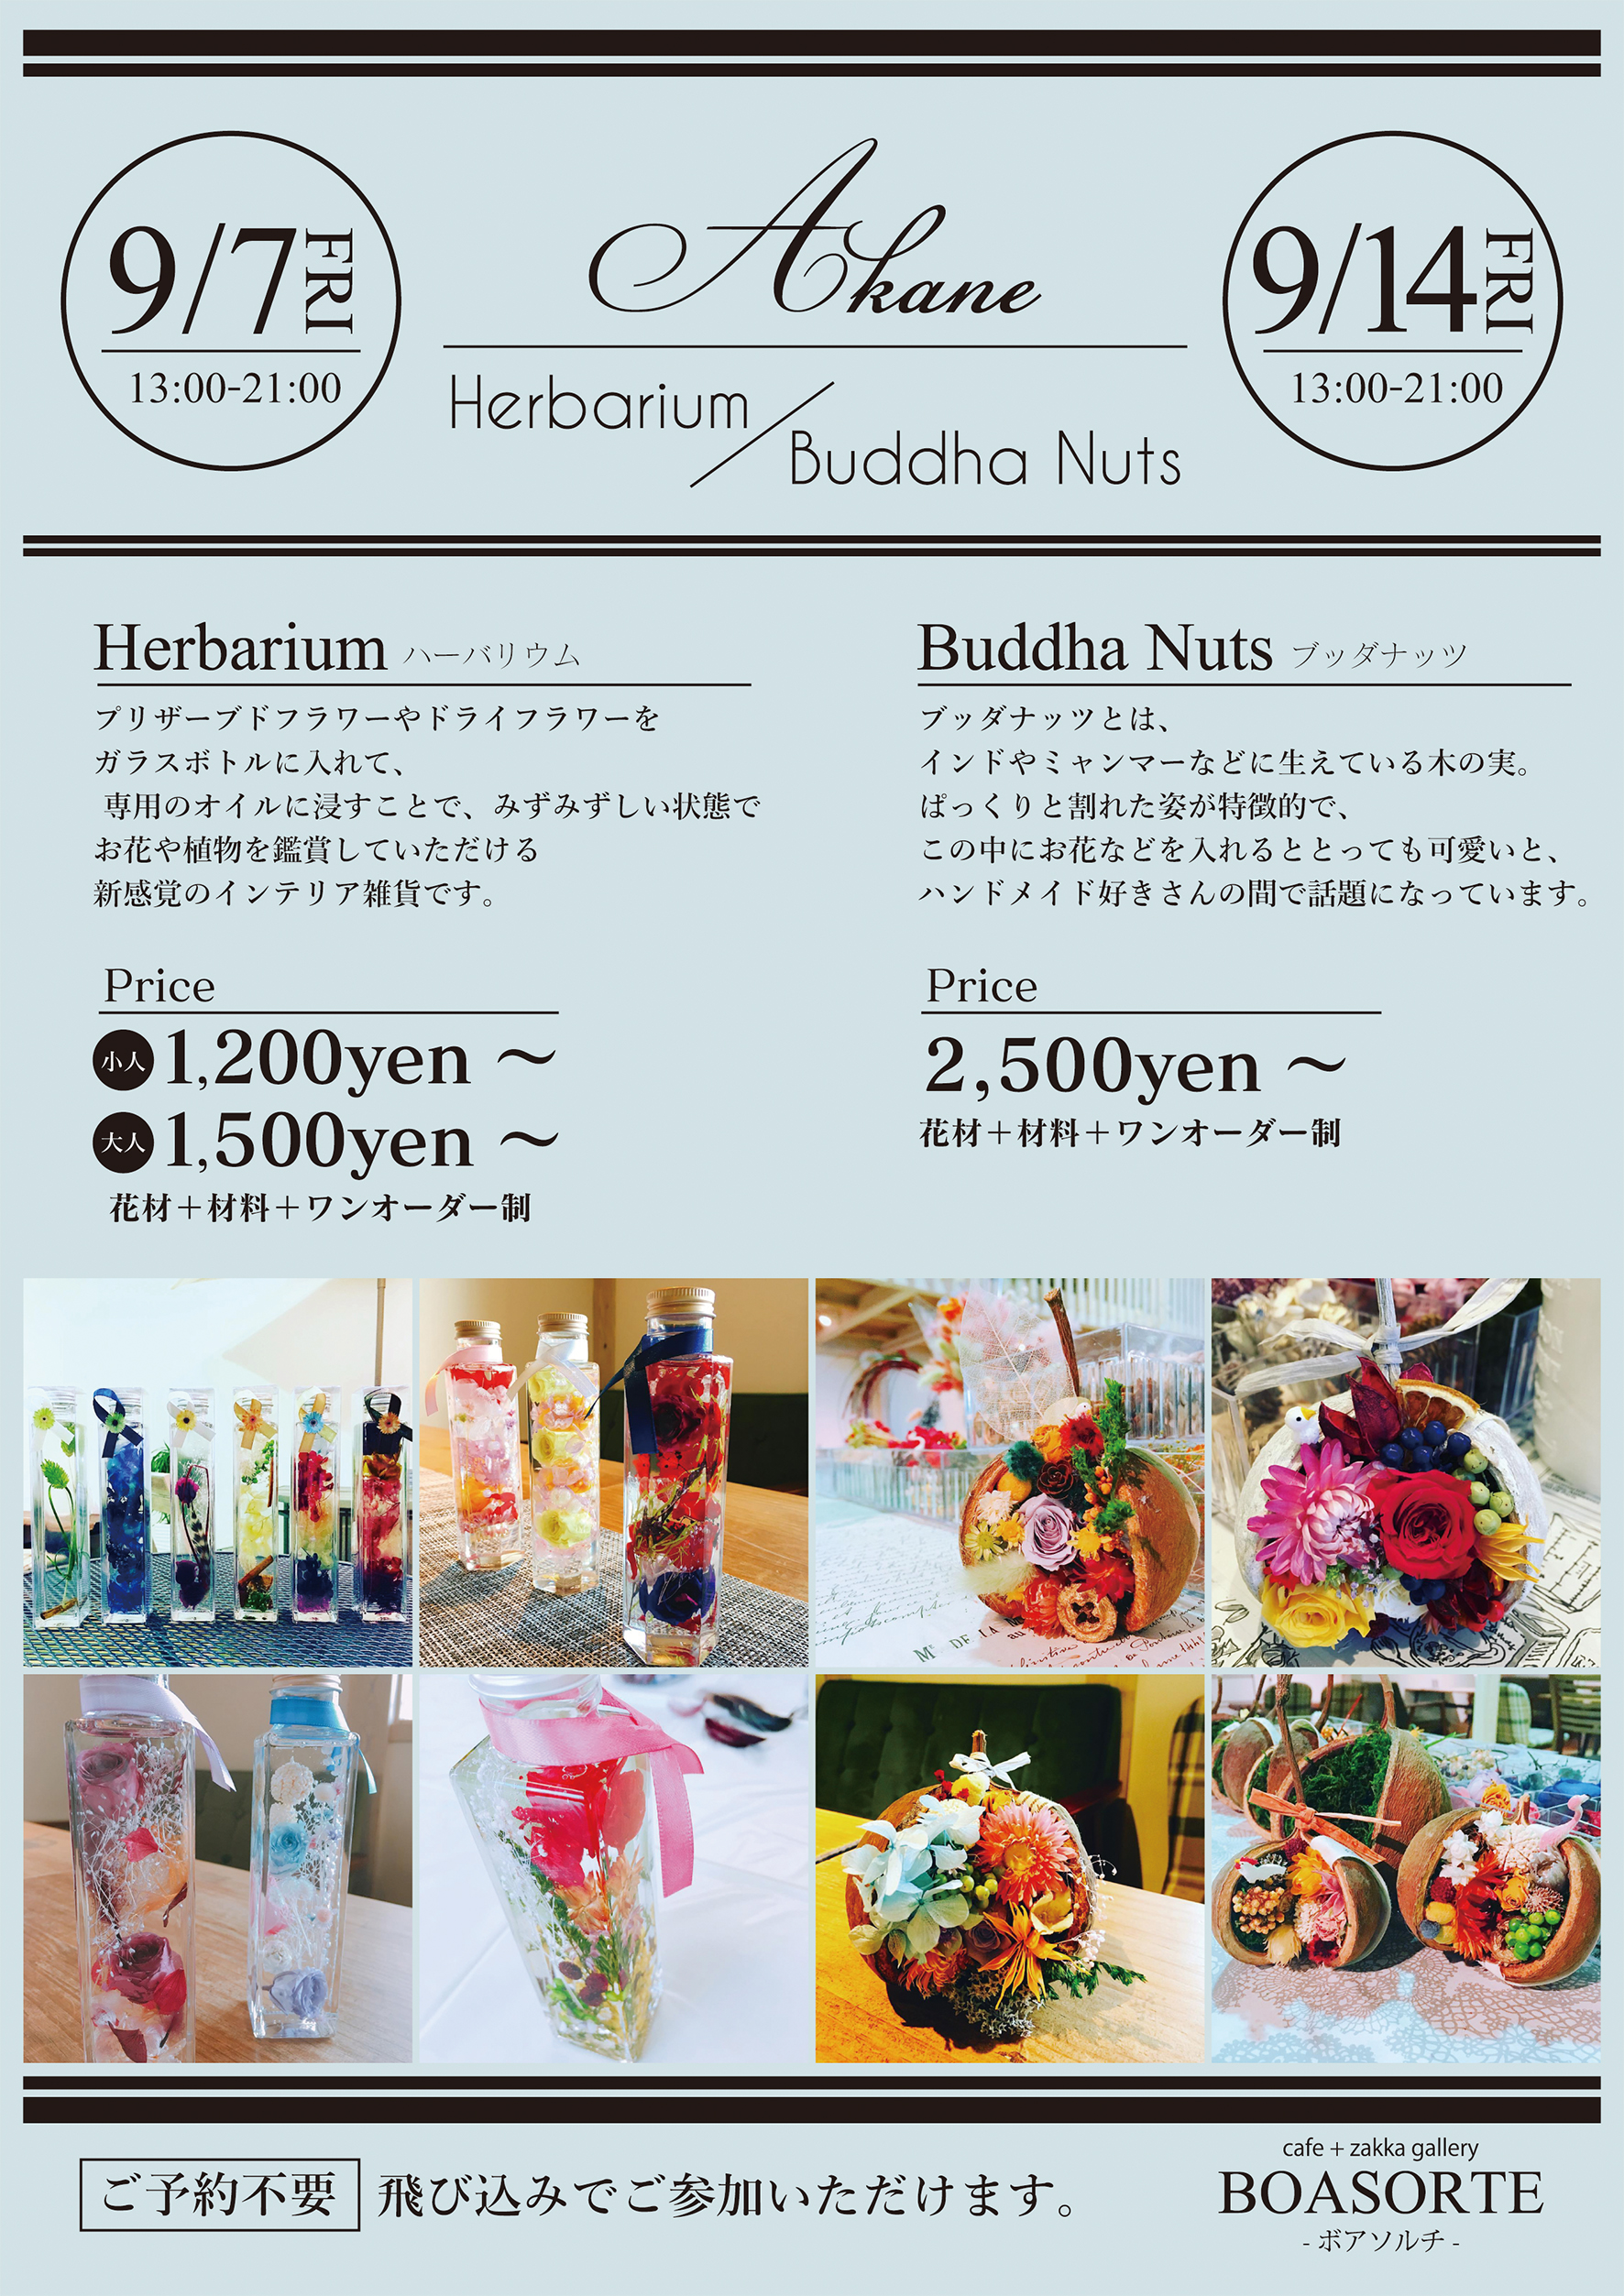 ハーバリウム教室&ブッダナッツ教室 【9月の開催日】